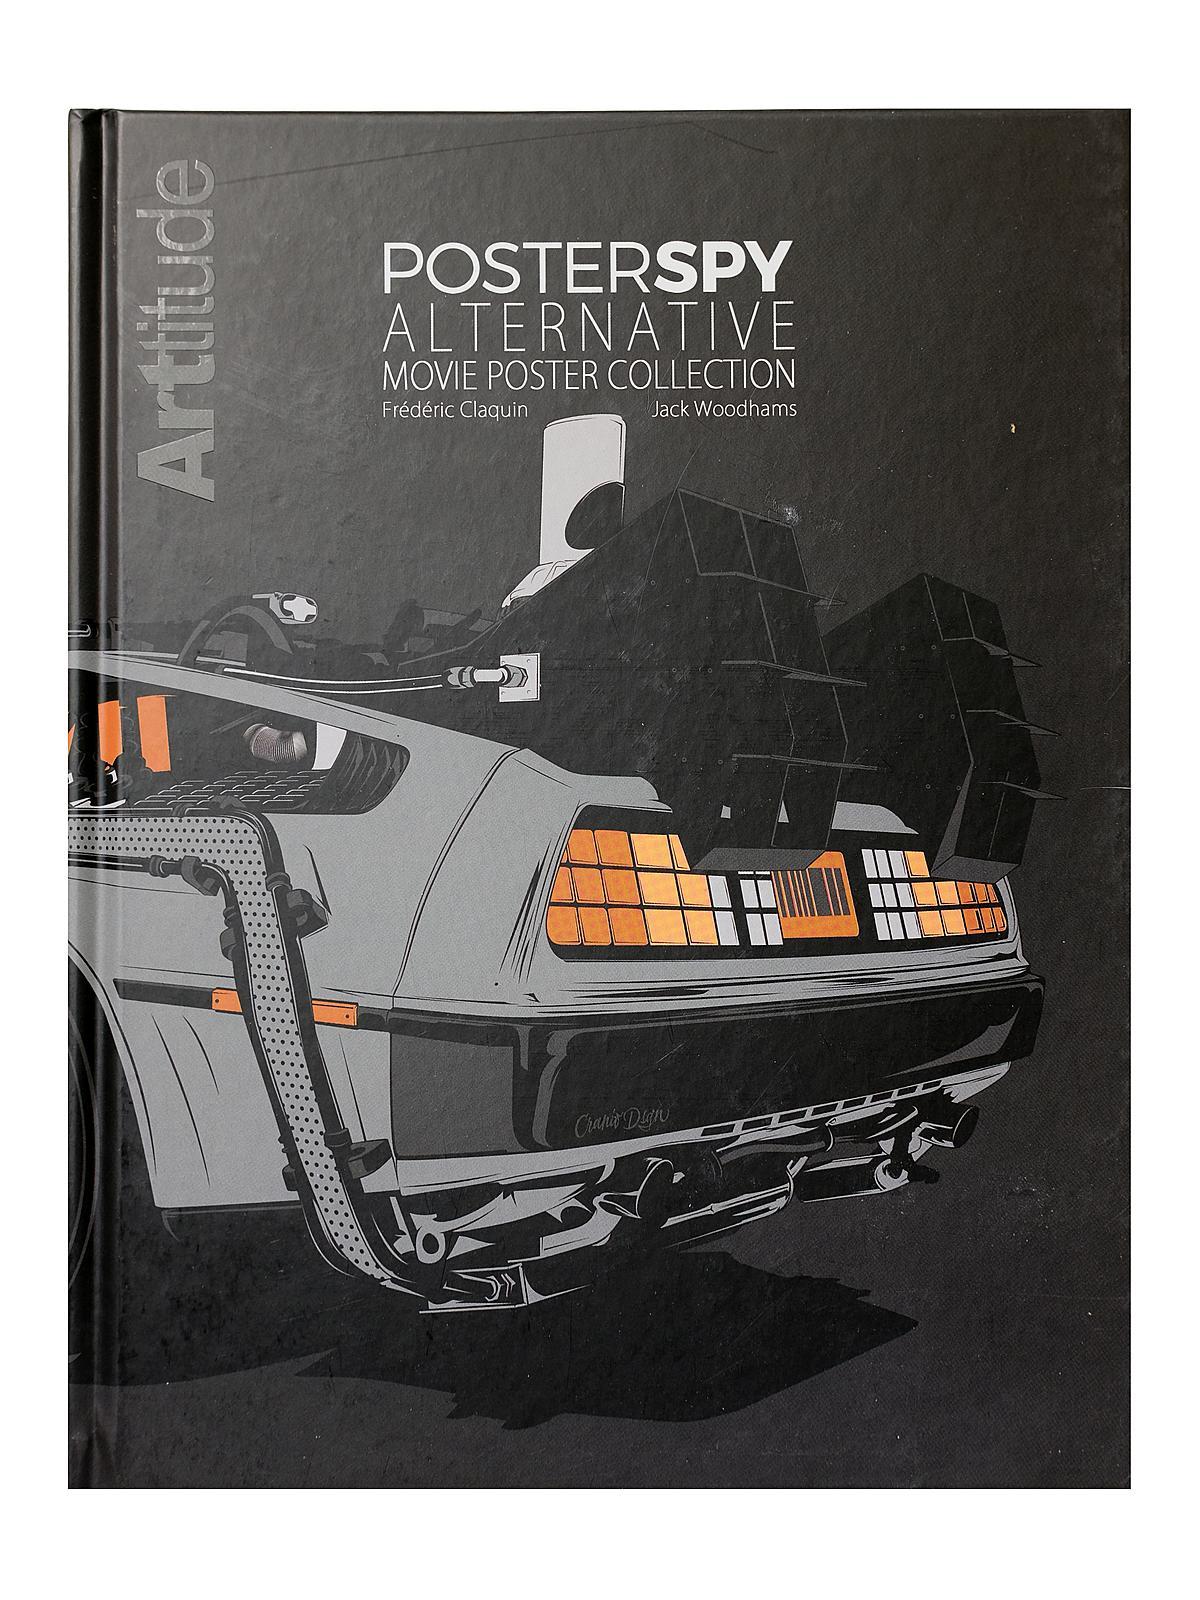 Posterspy